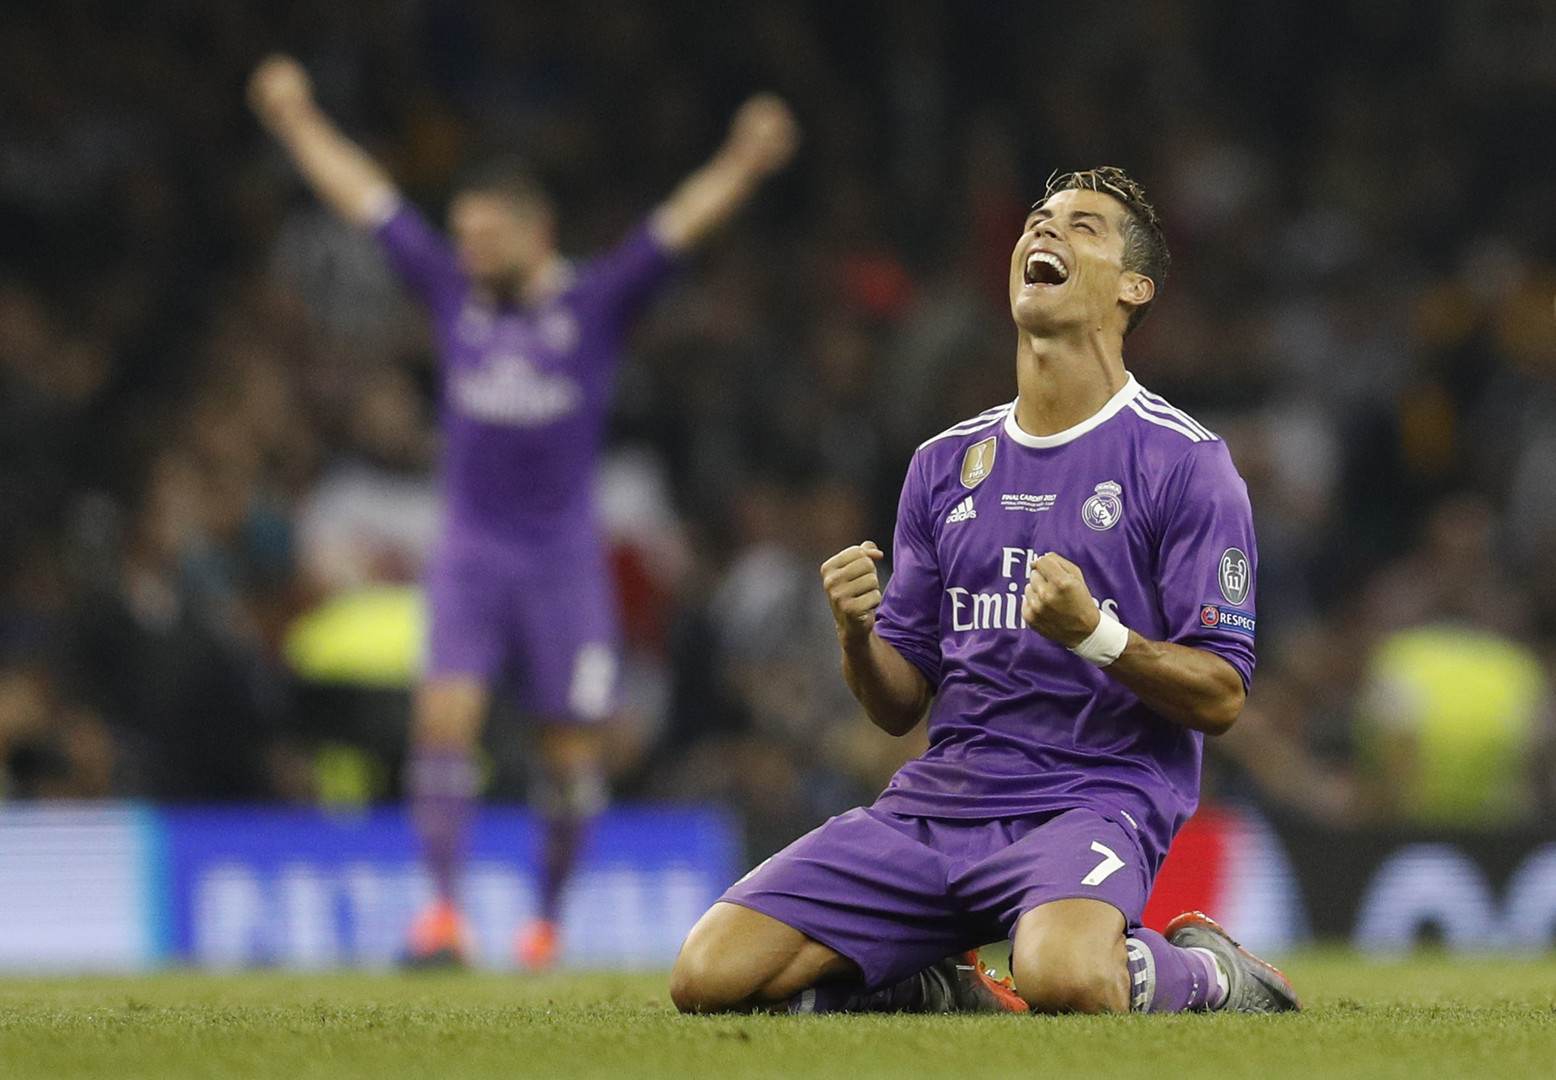 Защита на отлично: «Реал» во второй раз подряд выиграл Лигу чемпионов